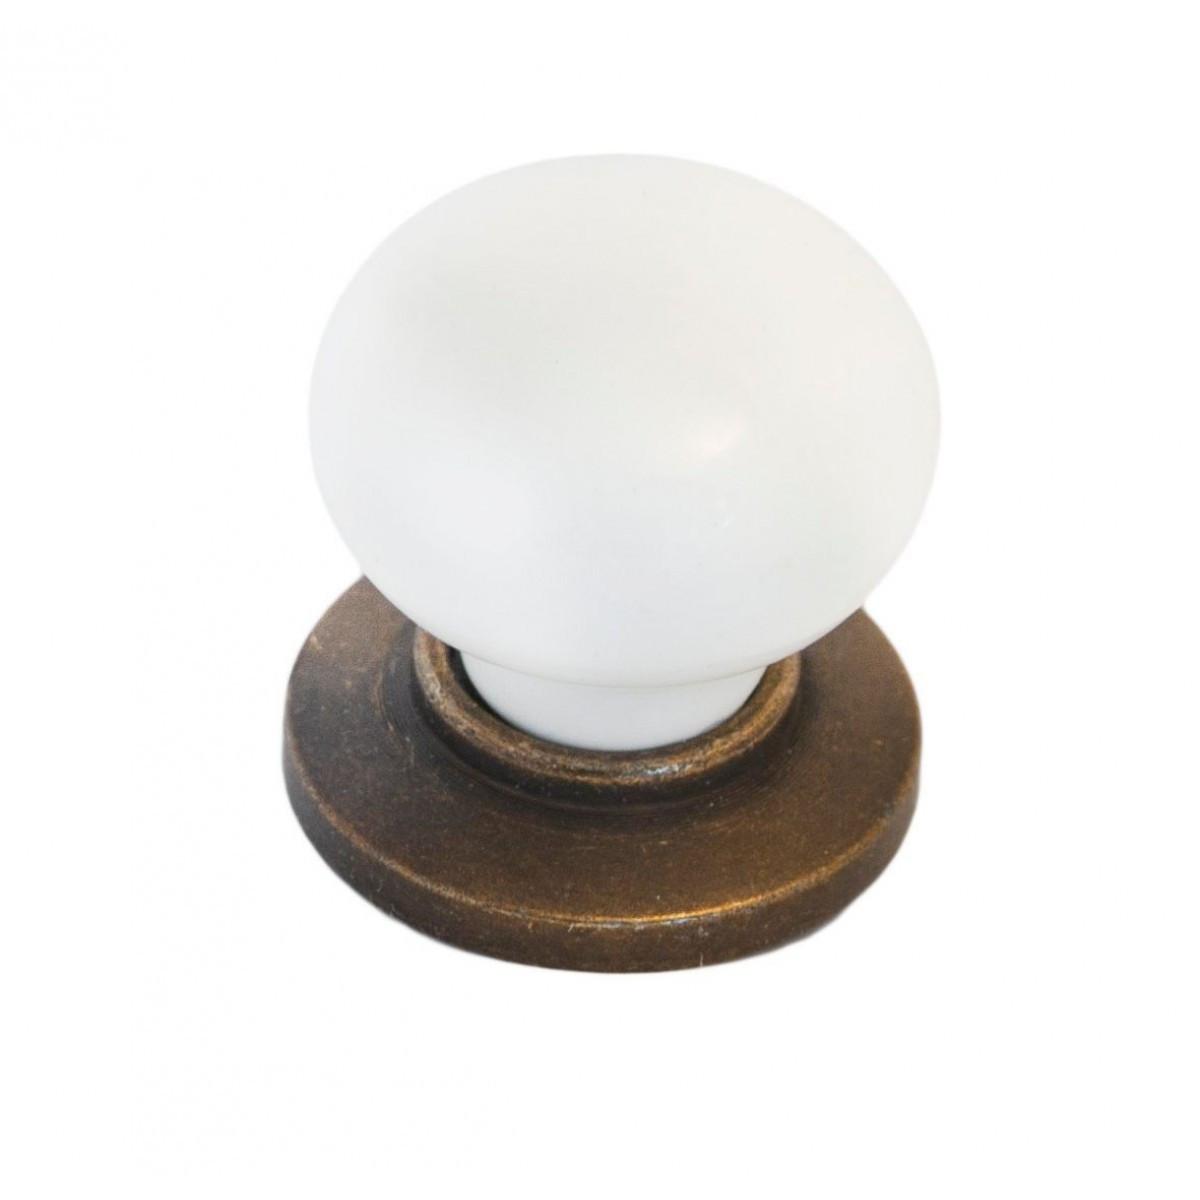 Ручка мебельная Ozkardesler 6073-08/46 керамика KURE PULLU PORSELEN Бронза